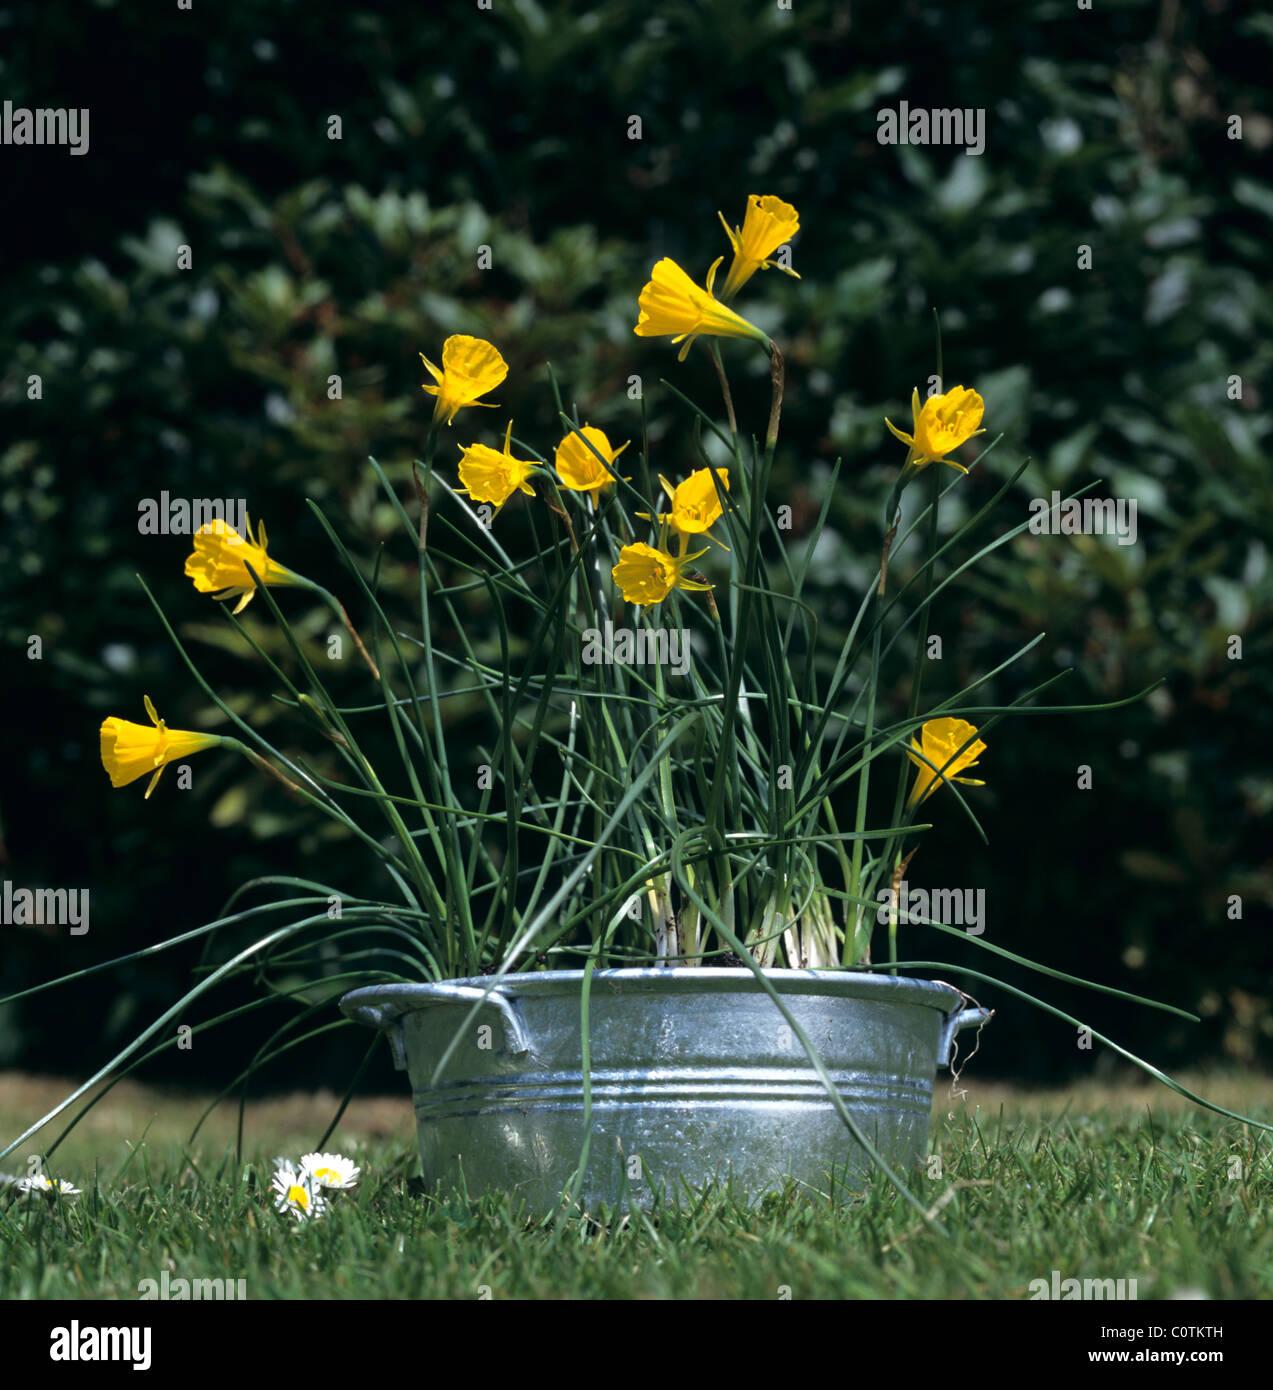 Narcissus Bulbocodium Blüte in eine verzinkte Behälter Stockbild